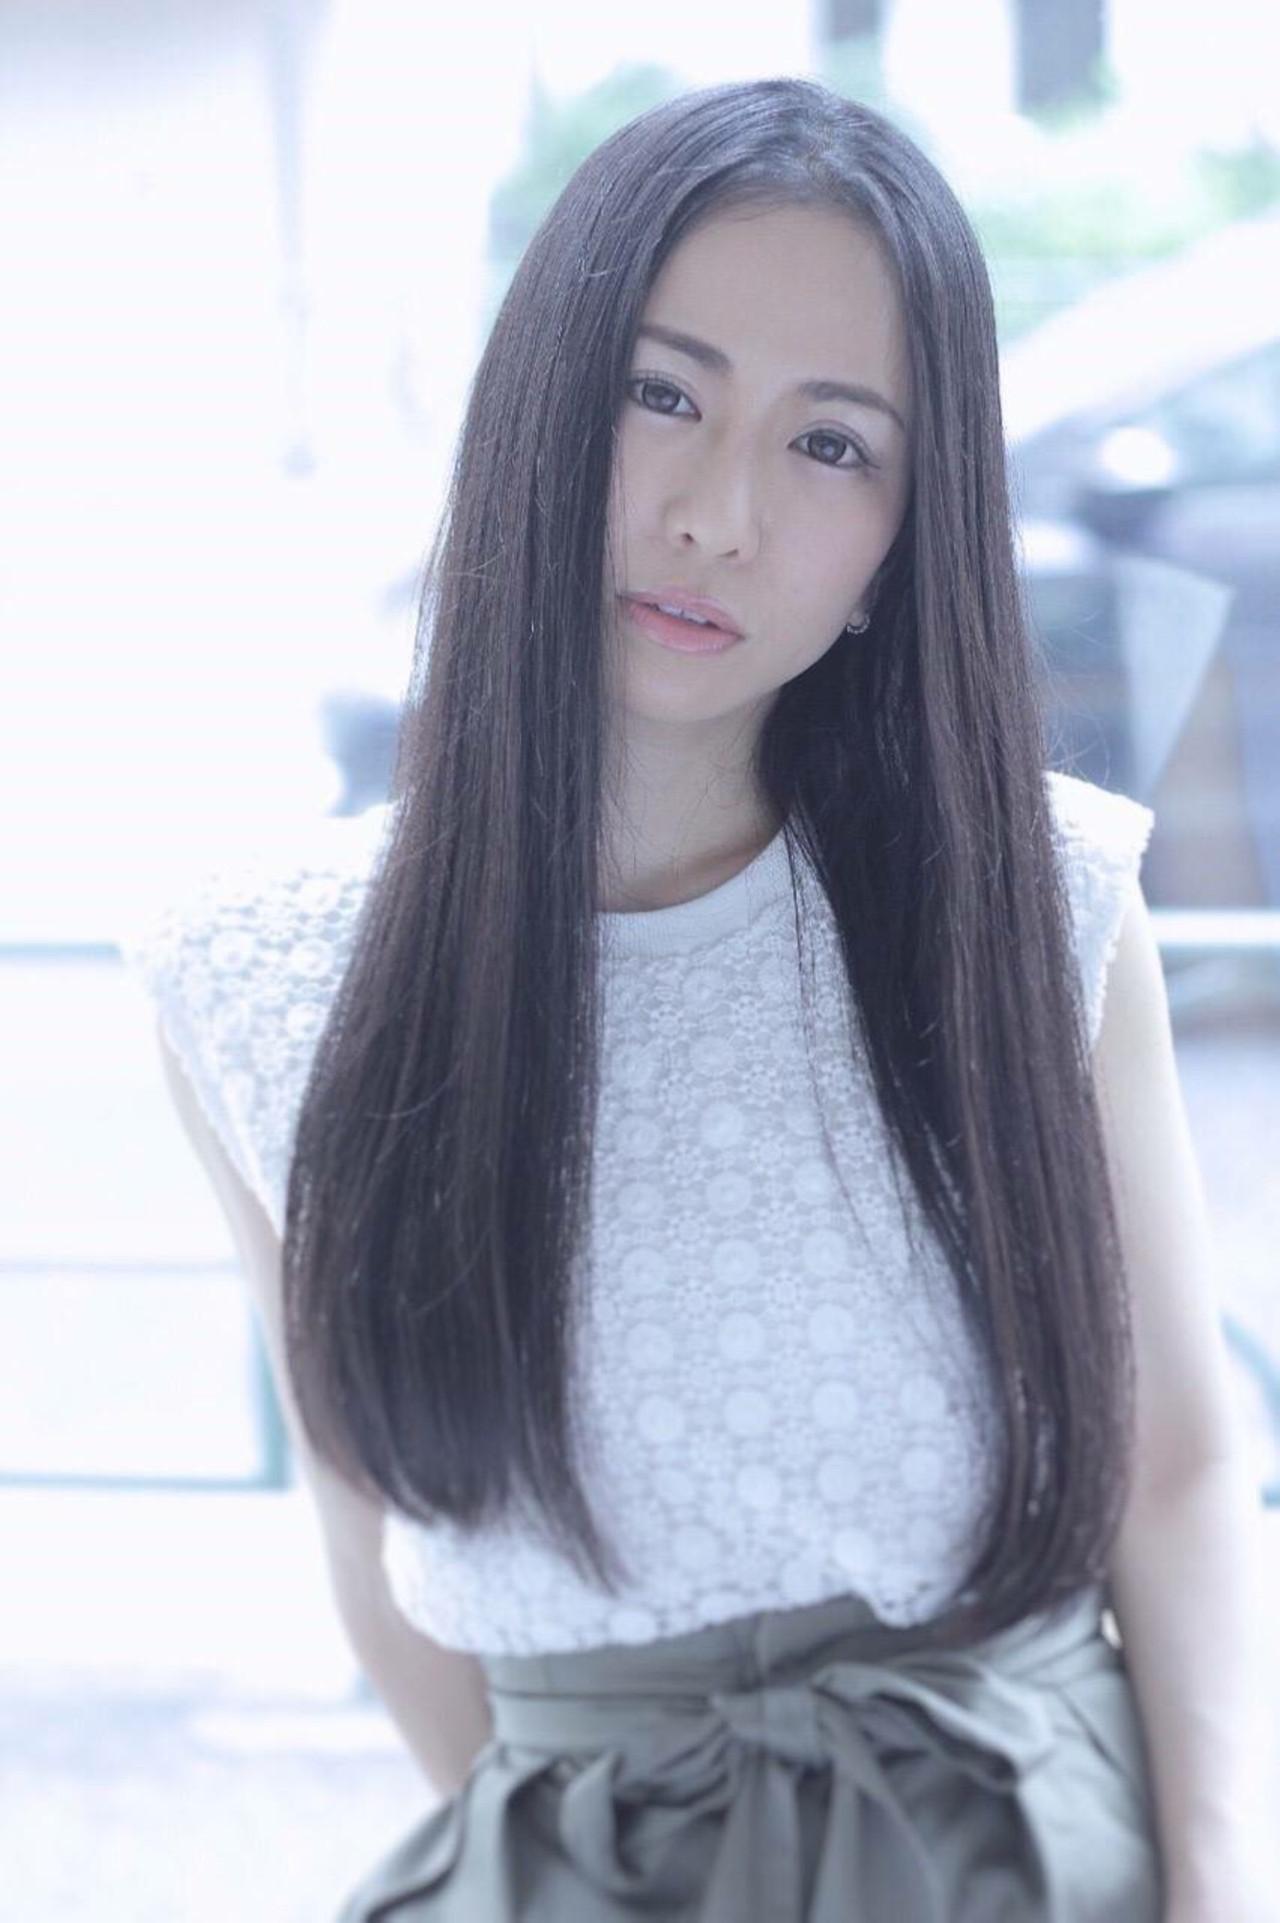 ナチュラル 大人女子 黒髪 ストレート ヘアスタイルや髪型の写真・画像   SAKI /